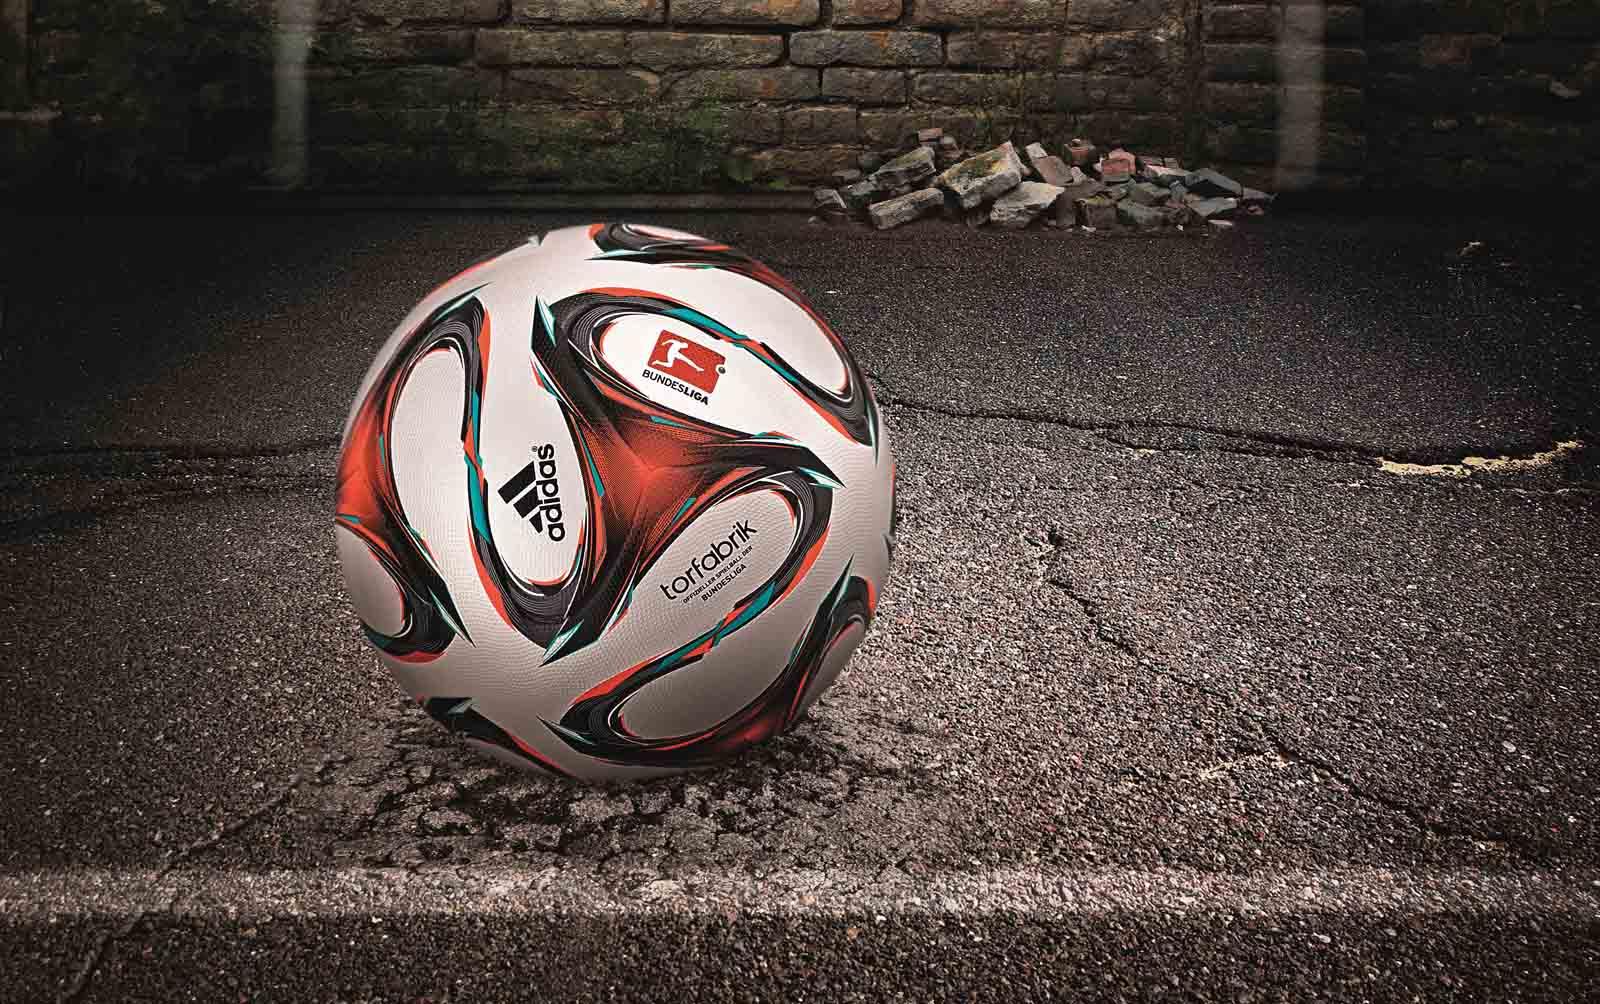 2014 15 bundesliga fu ballschuhe vorschau nur fussball for Bundesliga videos